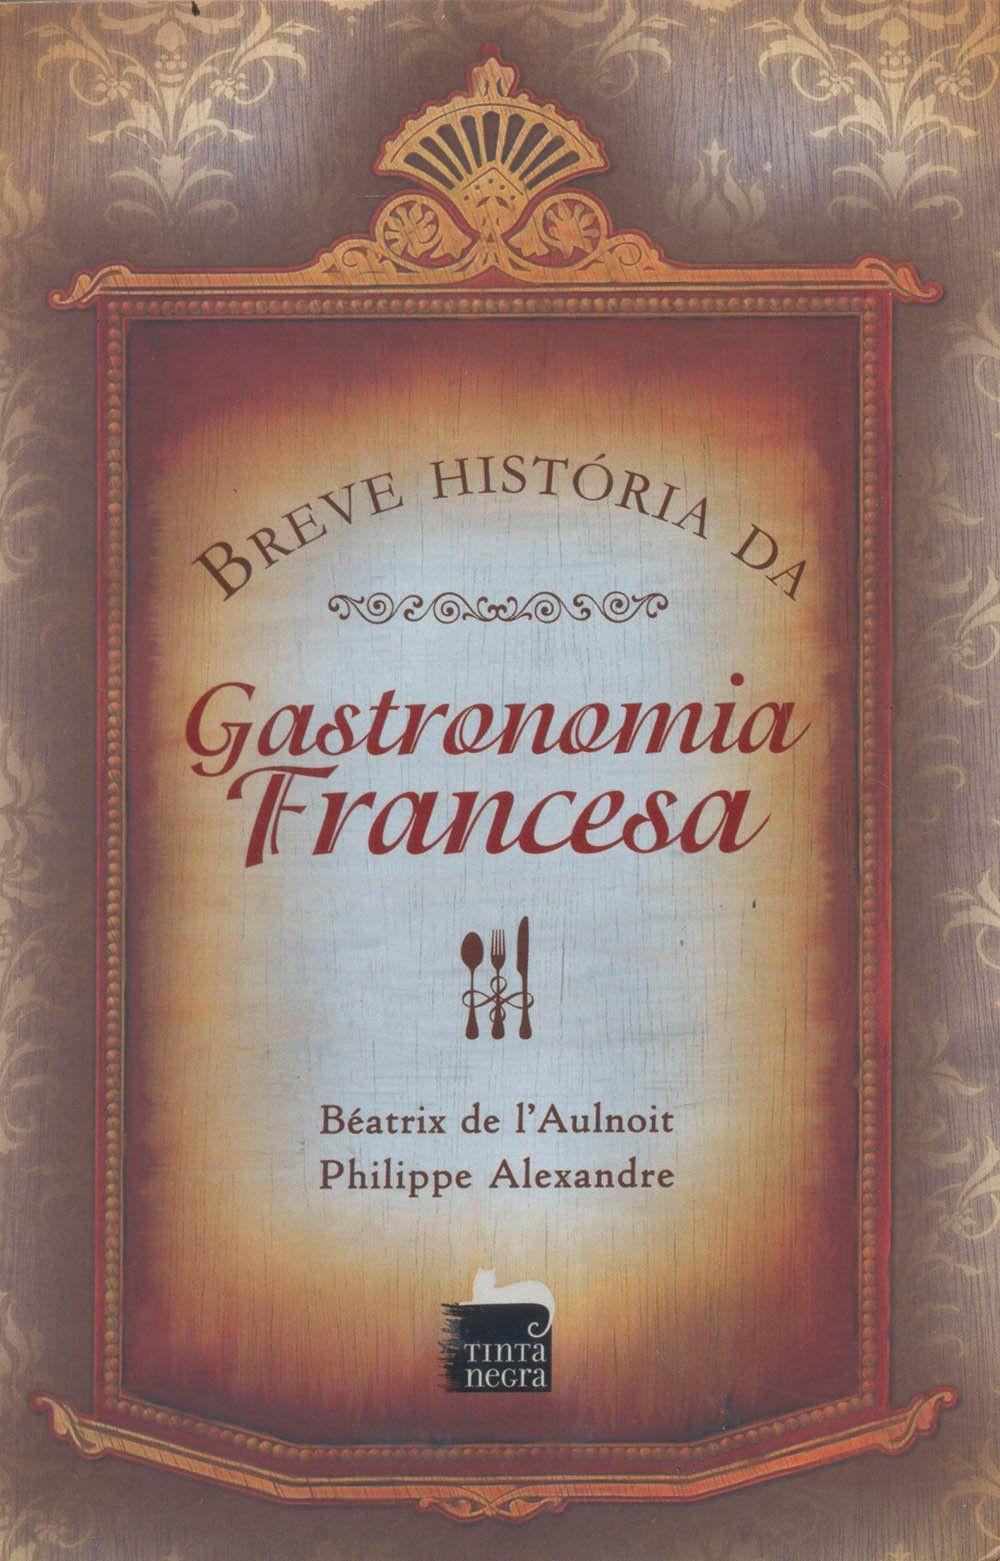 BREVE HISTORIA DA GASTRONOMIA FRANCESA